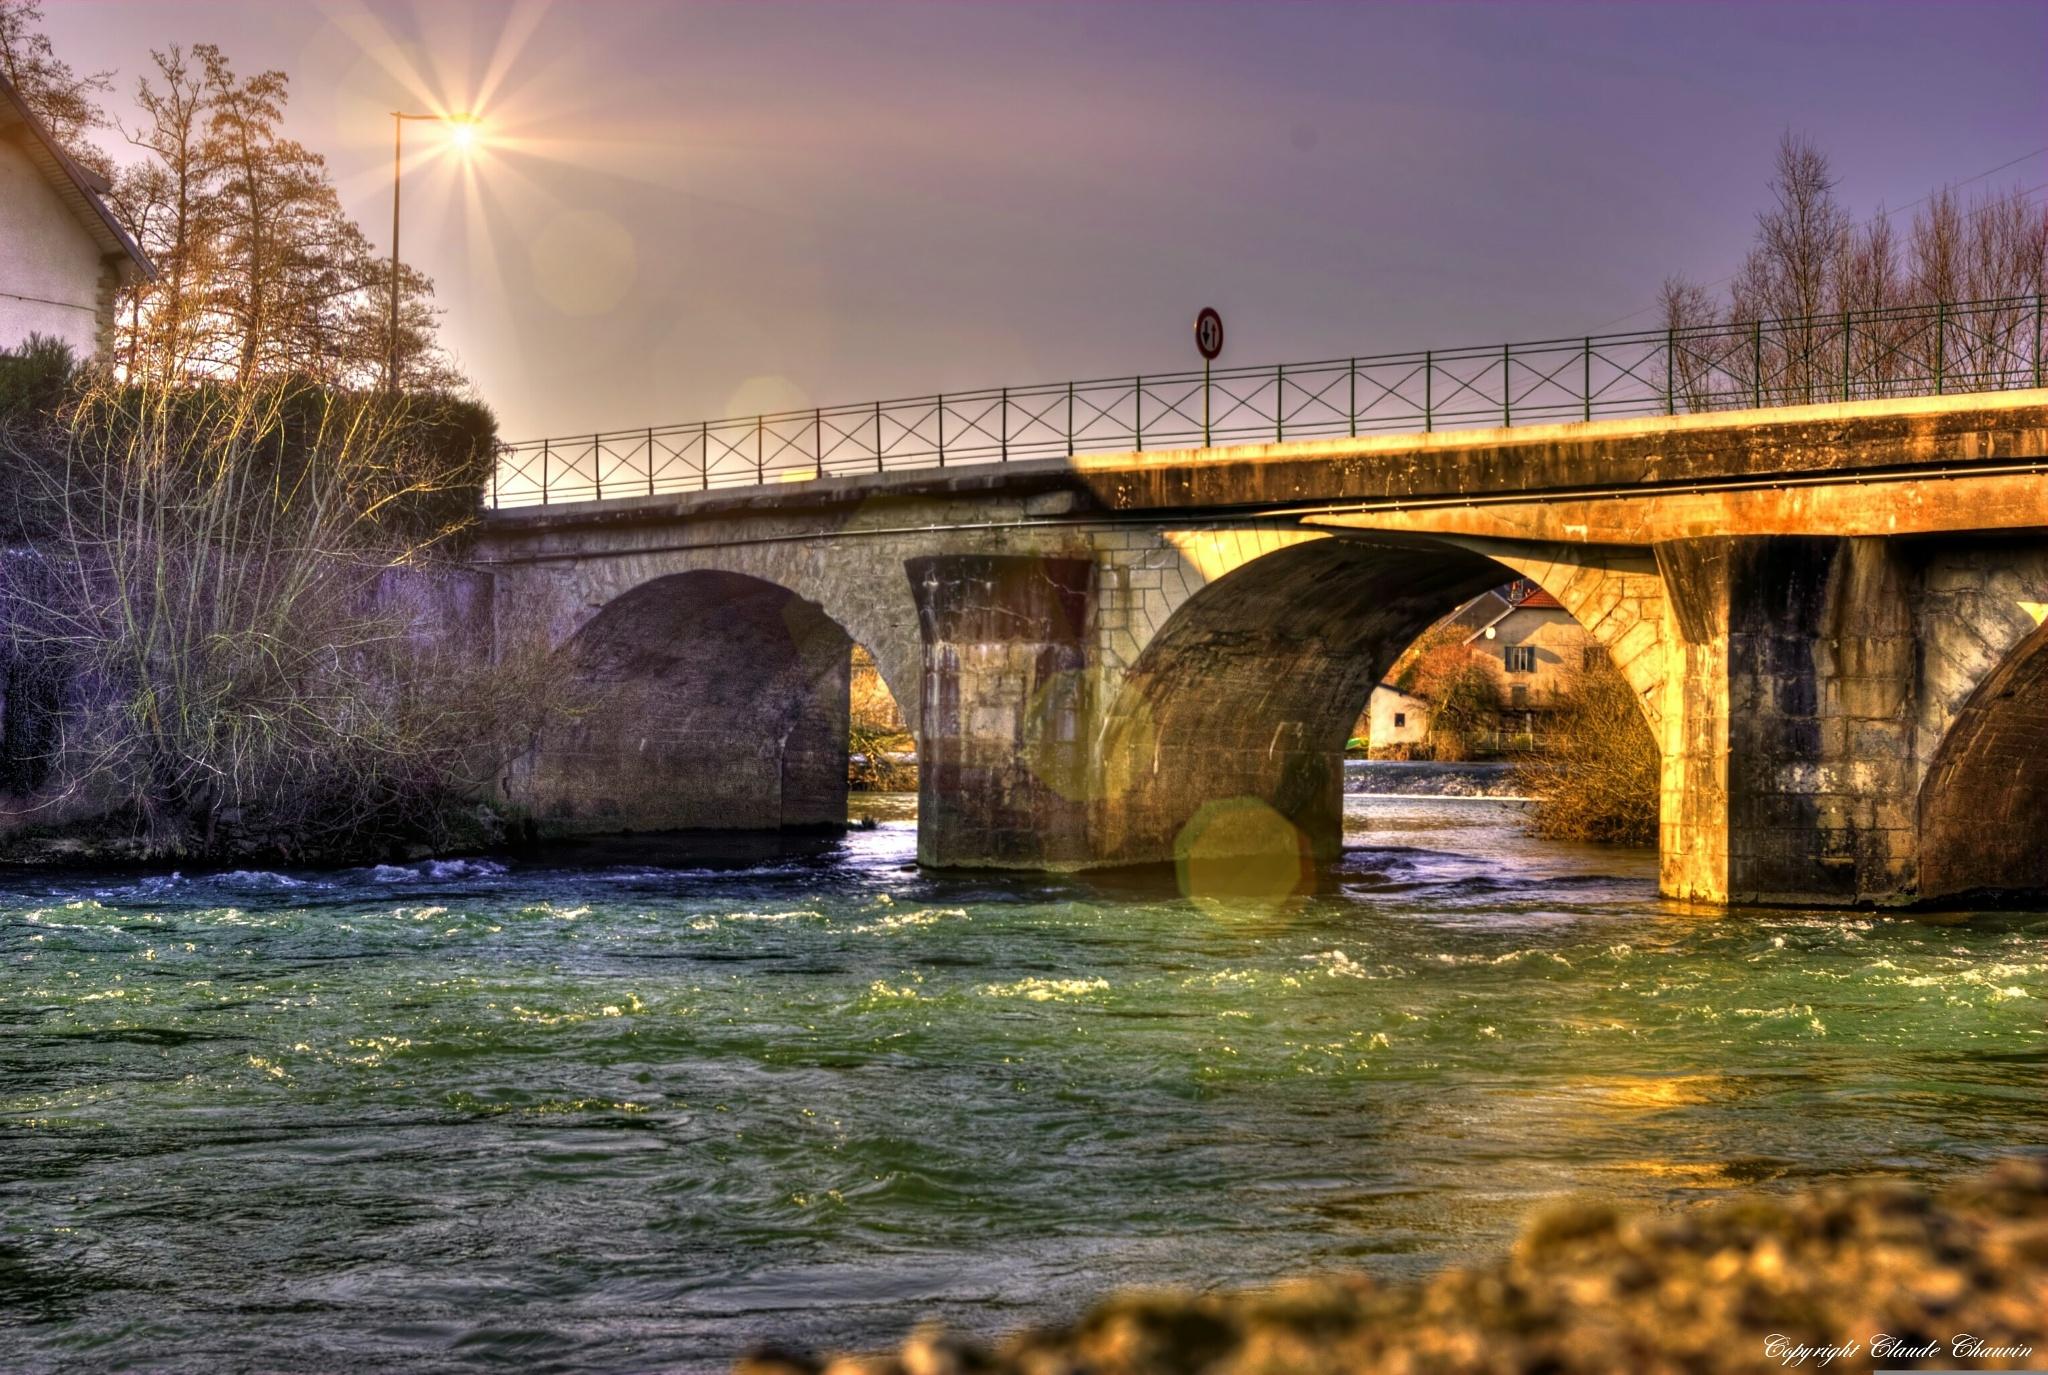 bridge  by claudechauvin67